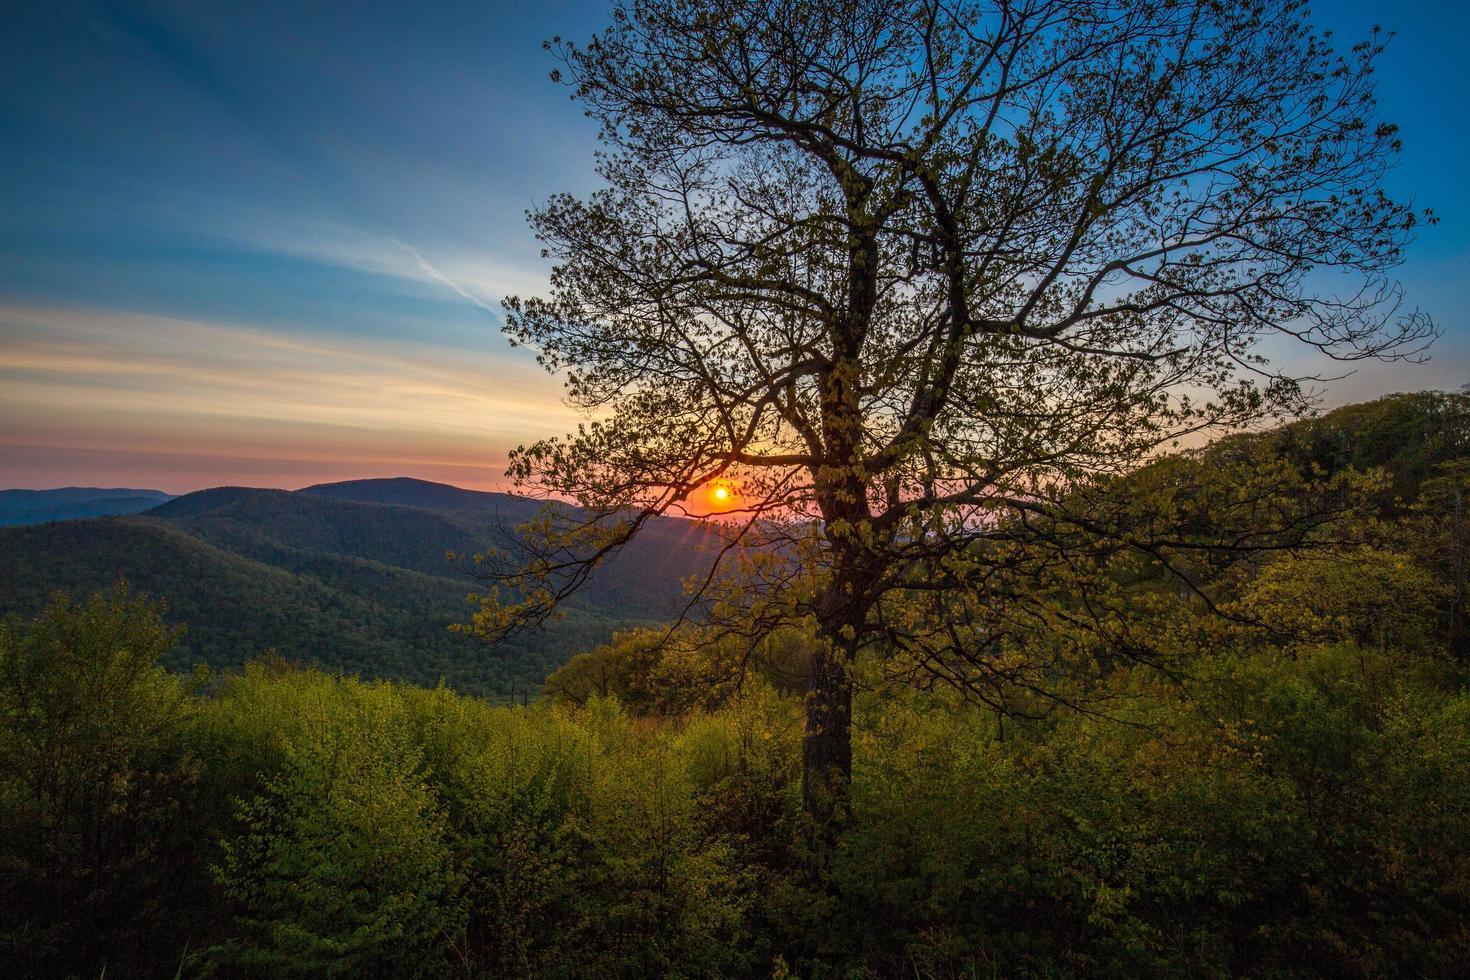 amanecer en el parque nacional shenandoah en virginia foto